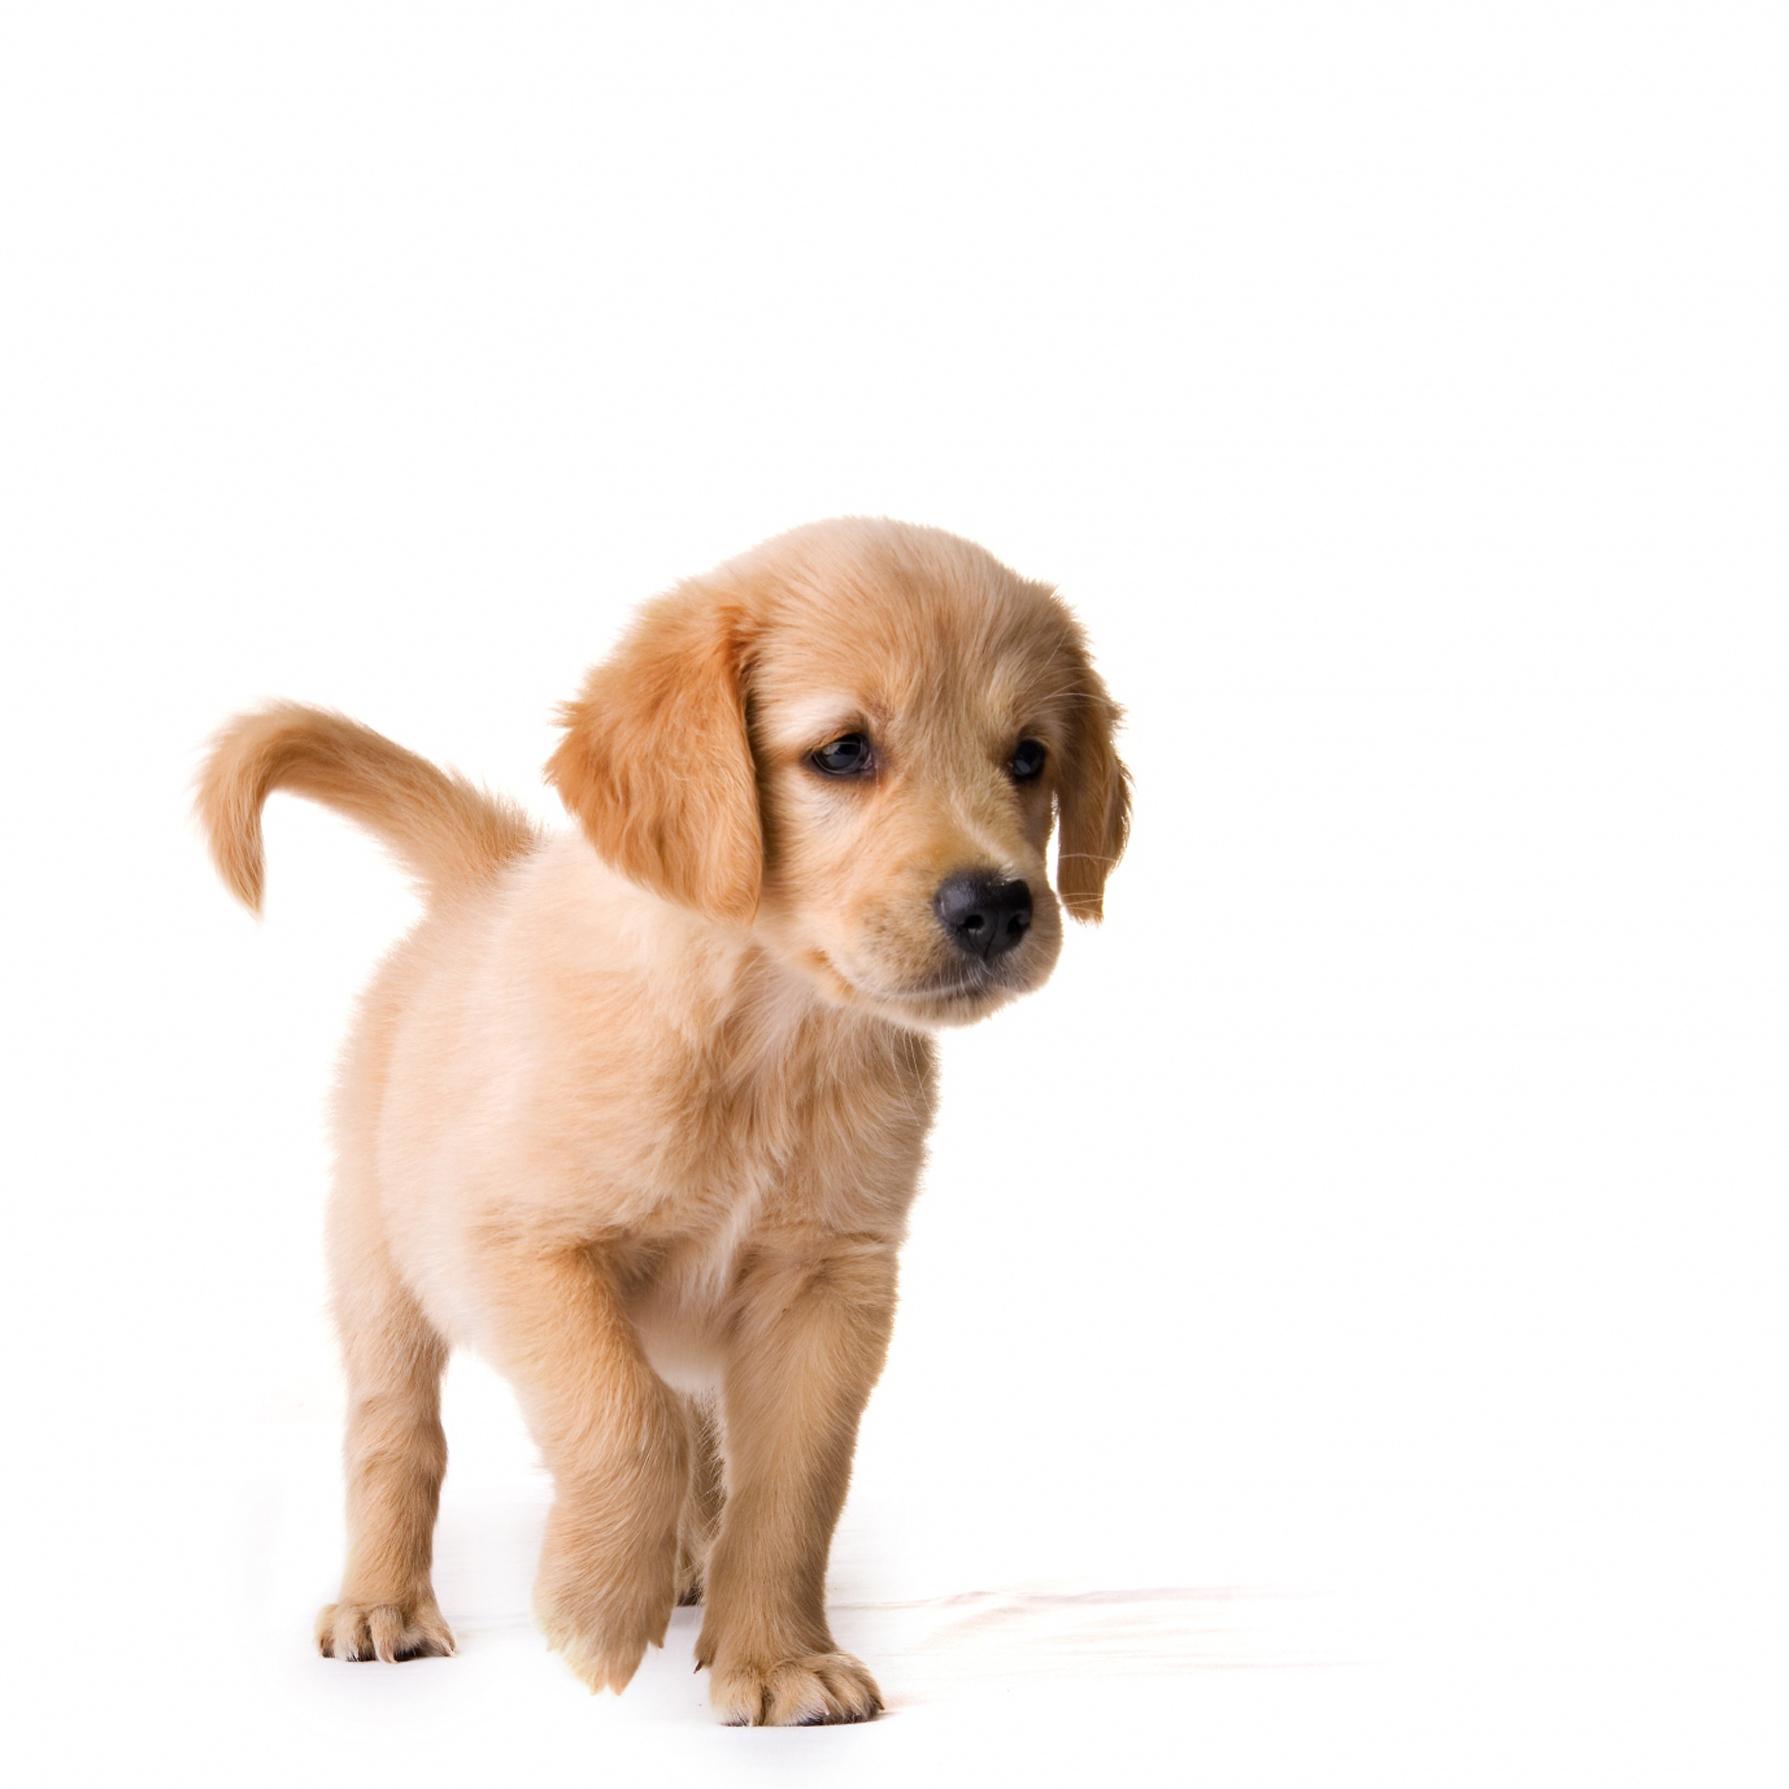 Lire la suite: Les boiteries chez le chien